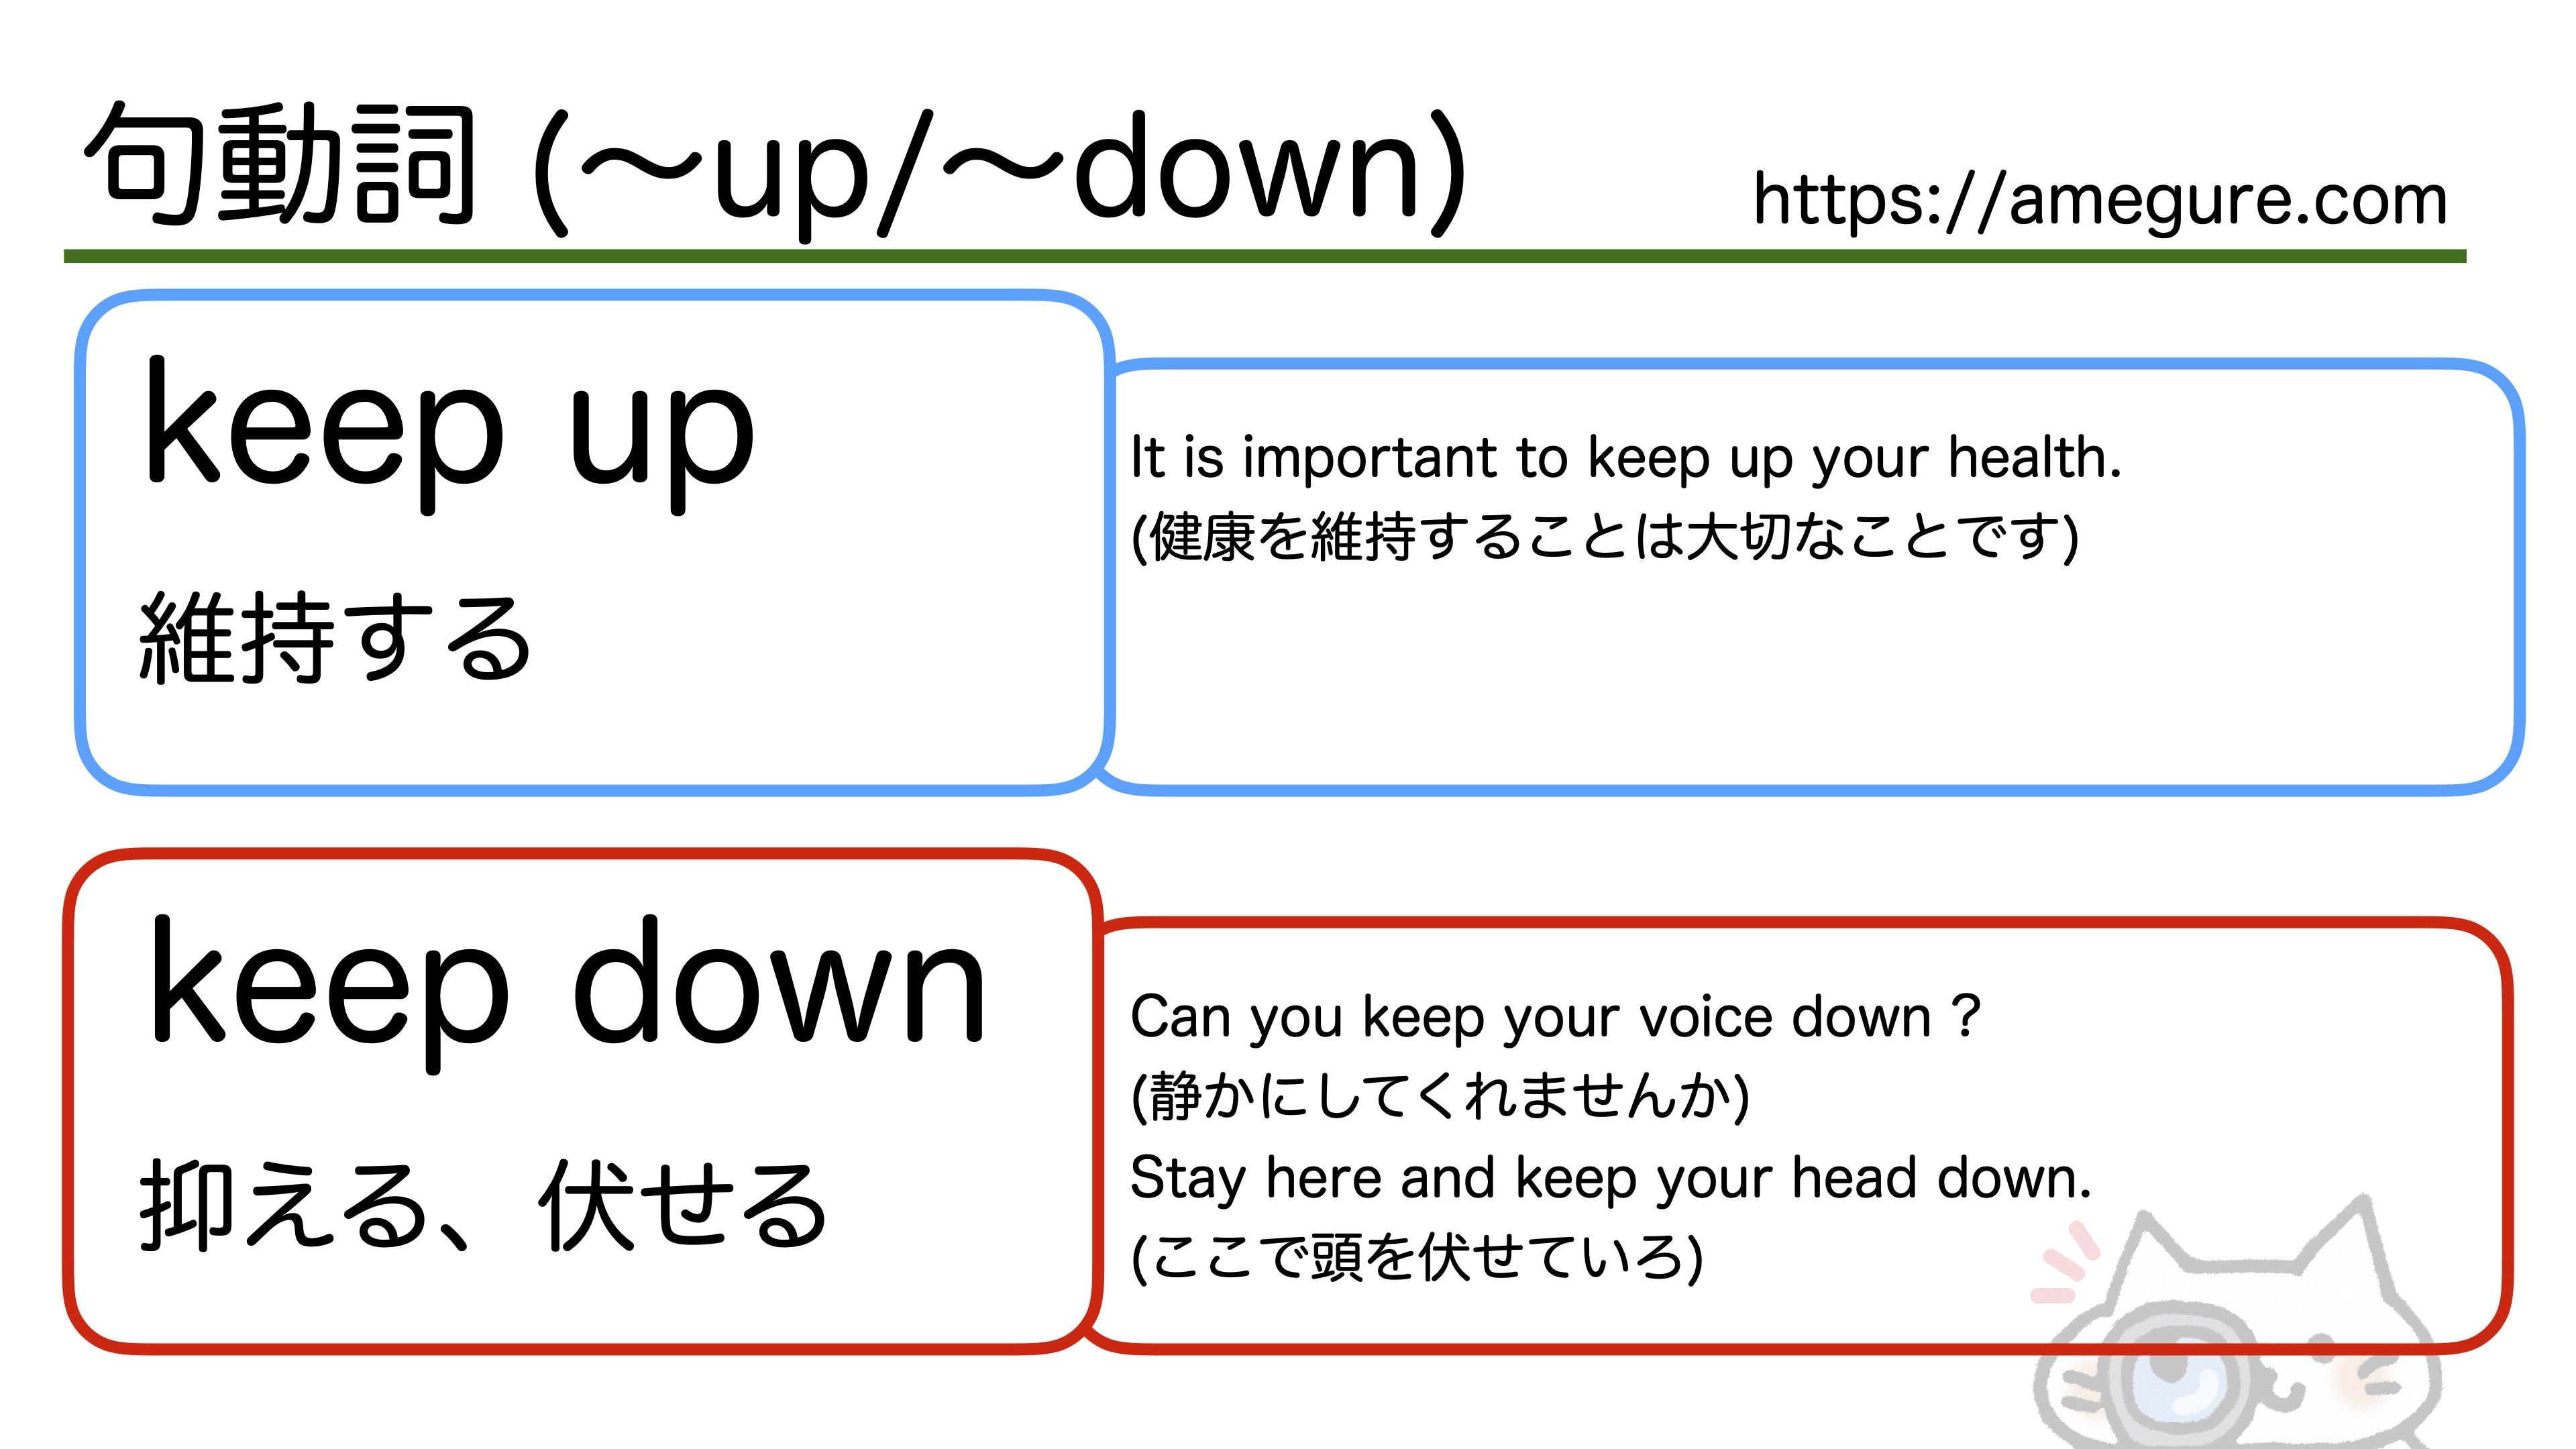 keepup-keepdown